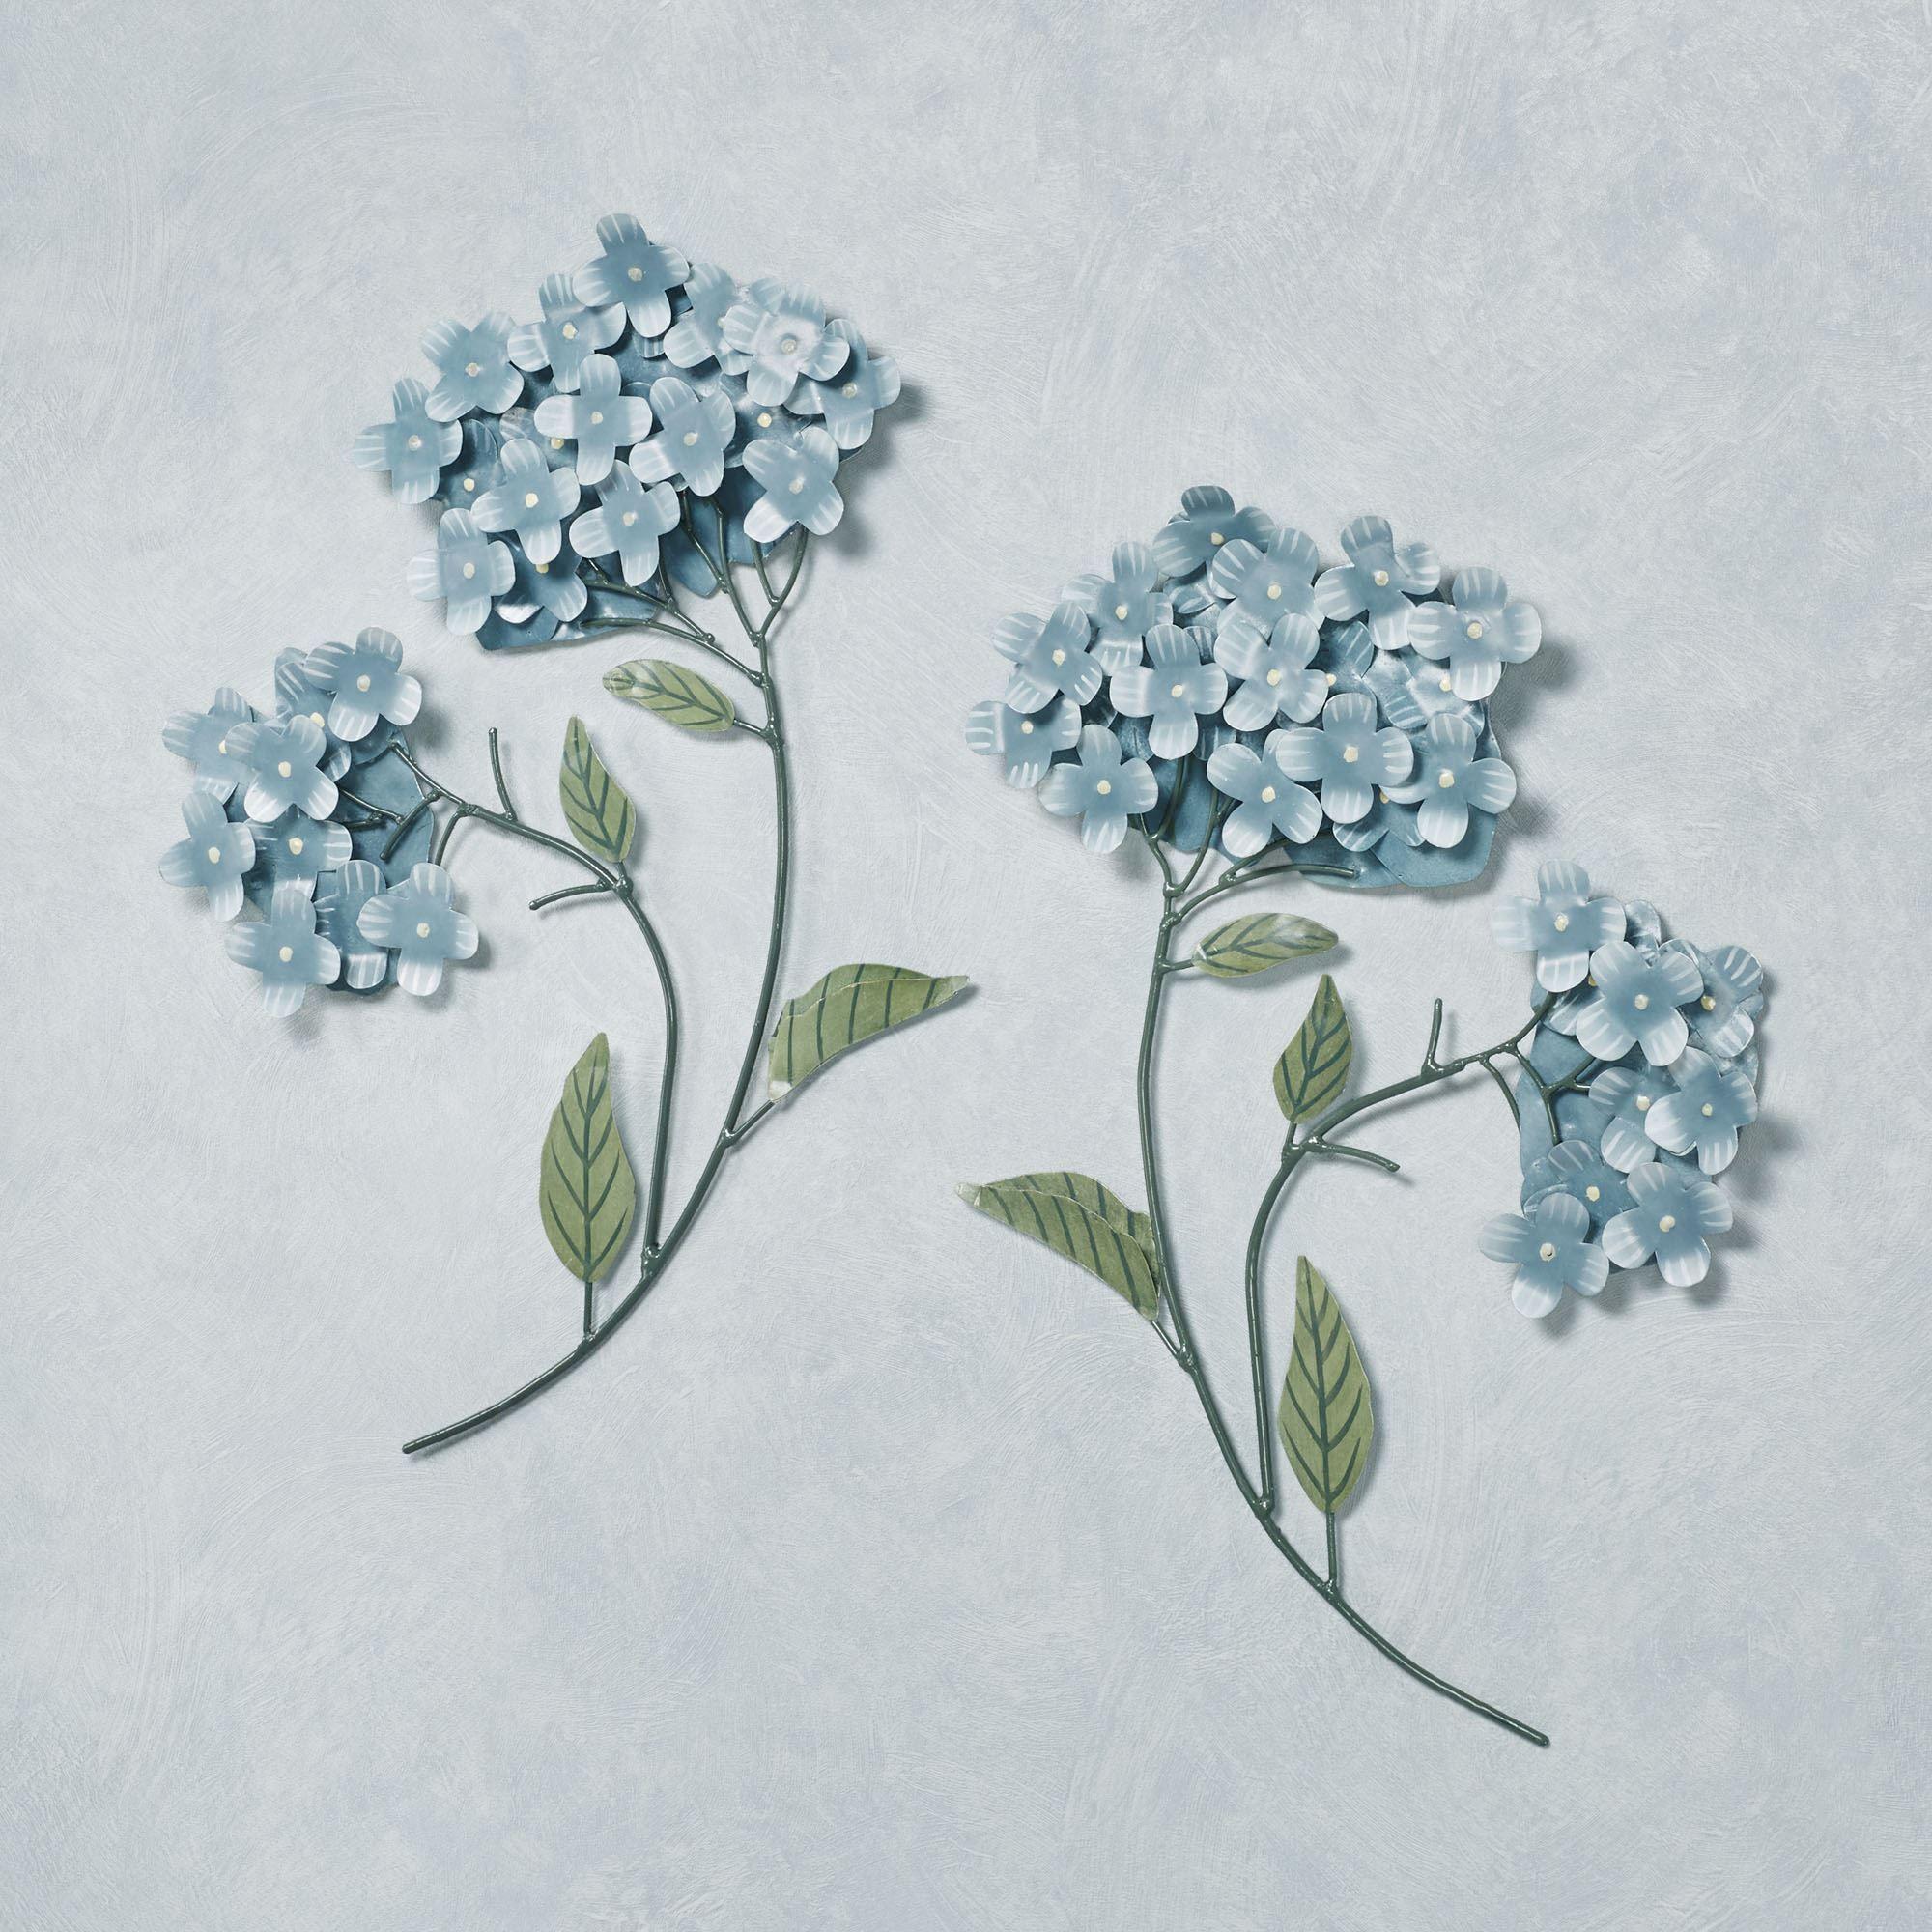 Blue Hydrangea Floral Metal Wall Sculpture Set